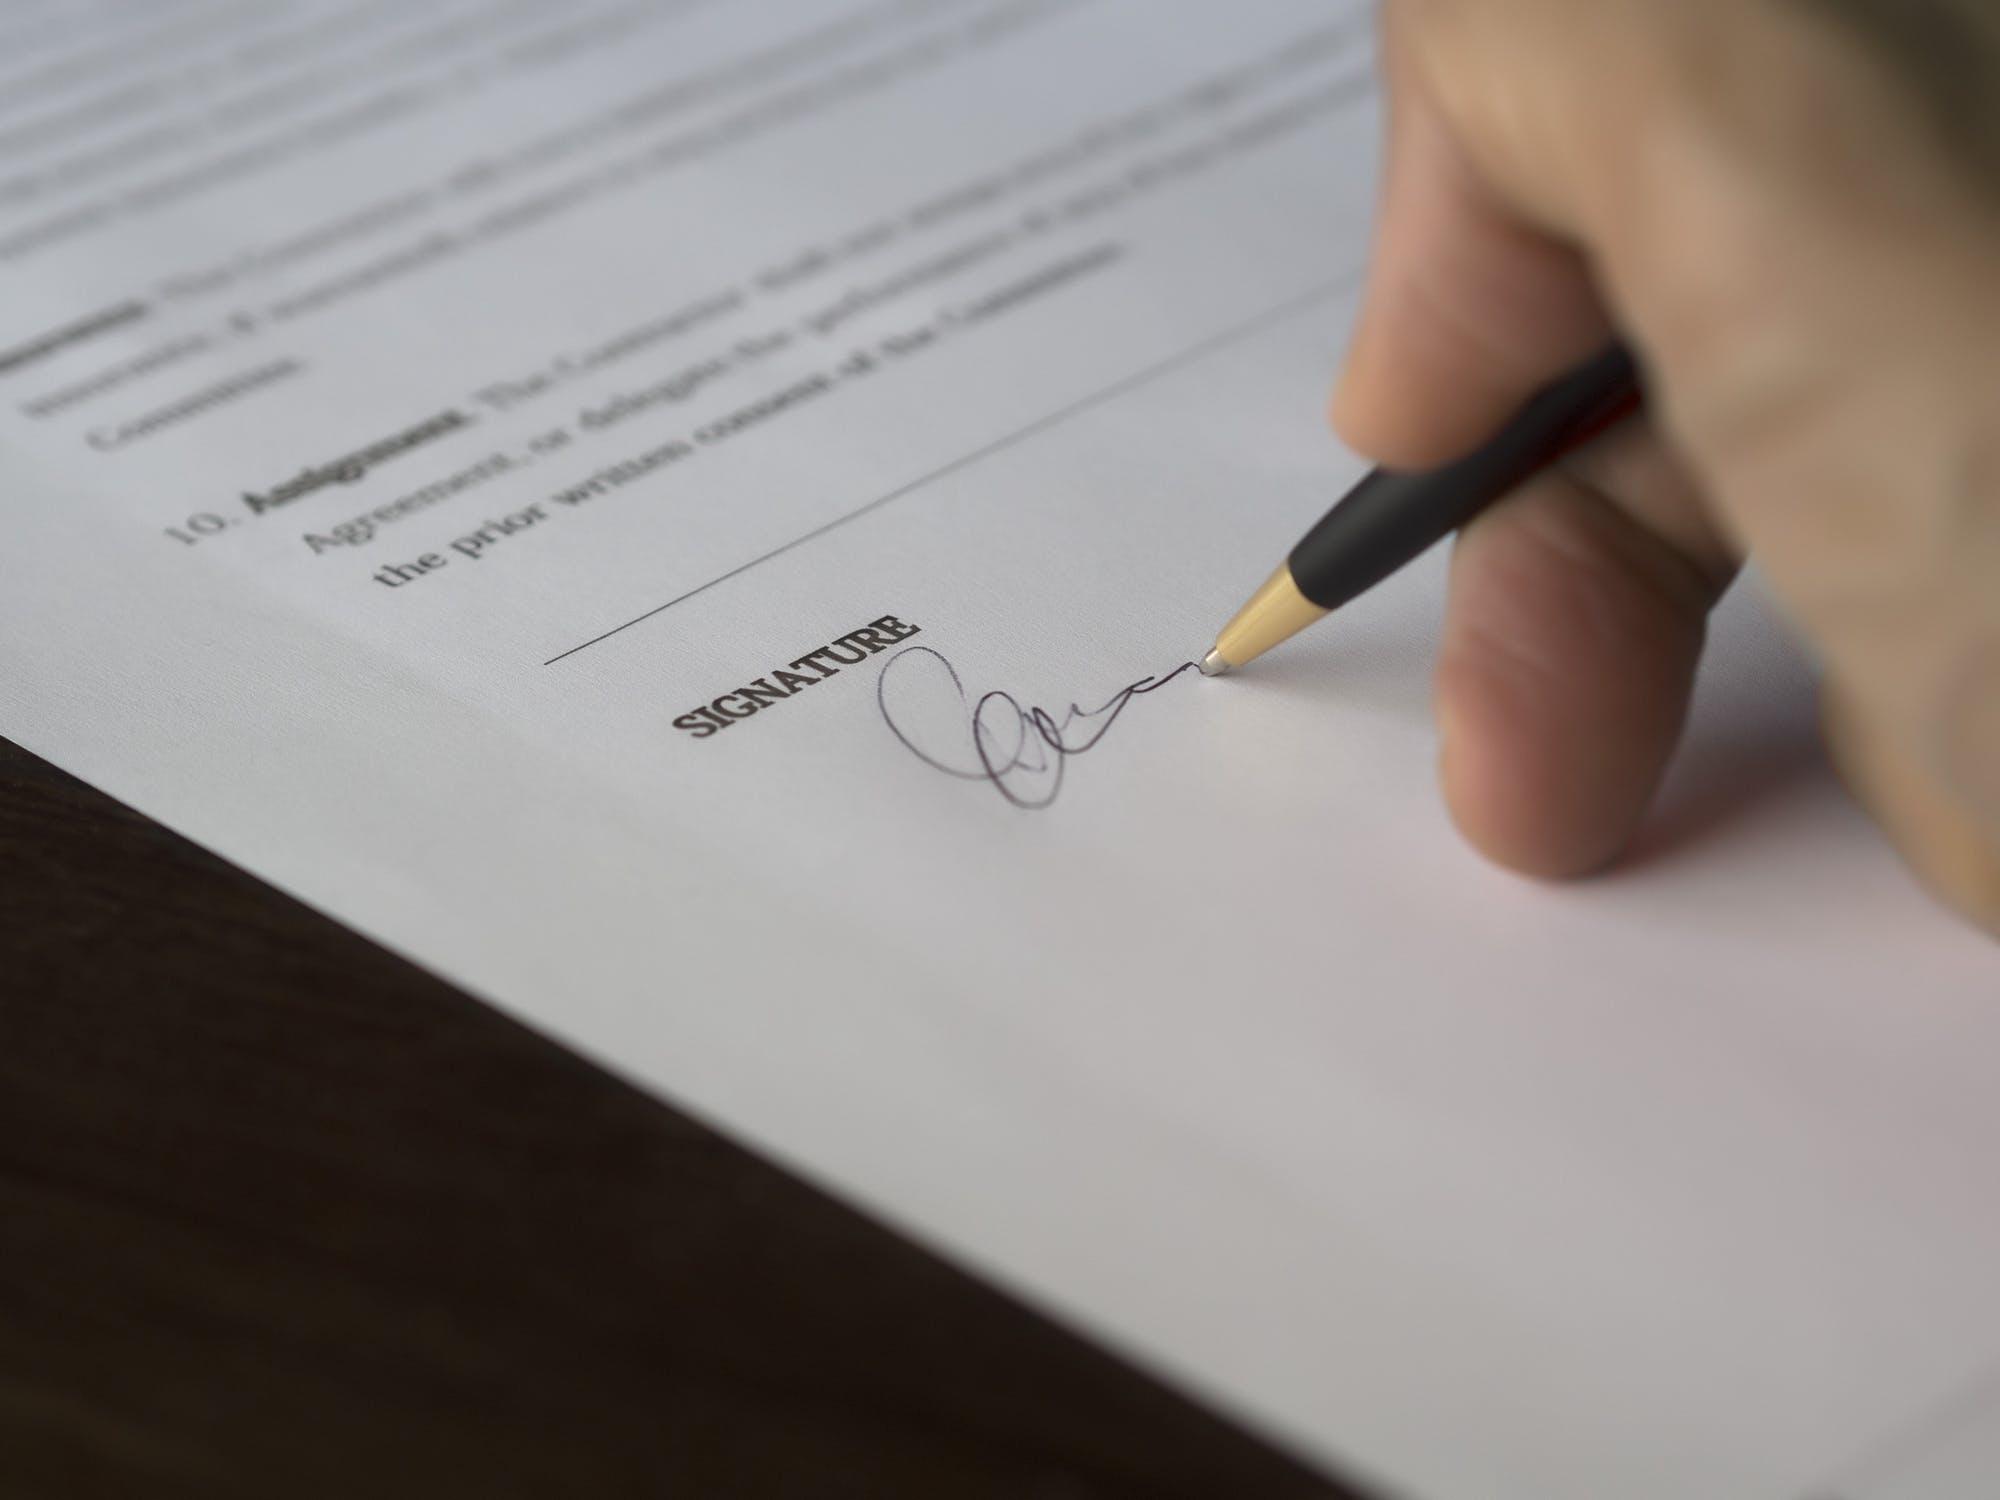 מהי הפרה יסודית של הסכם מכר